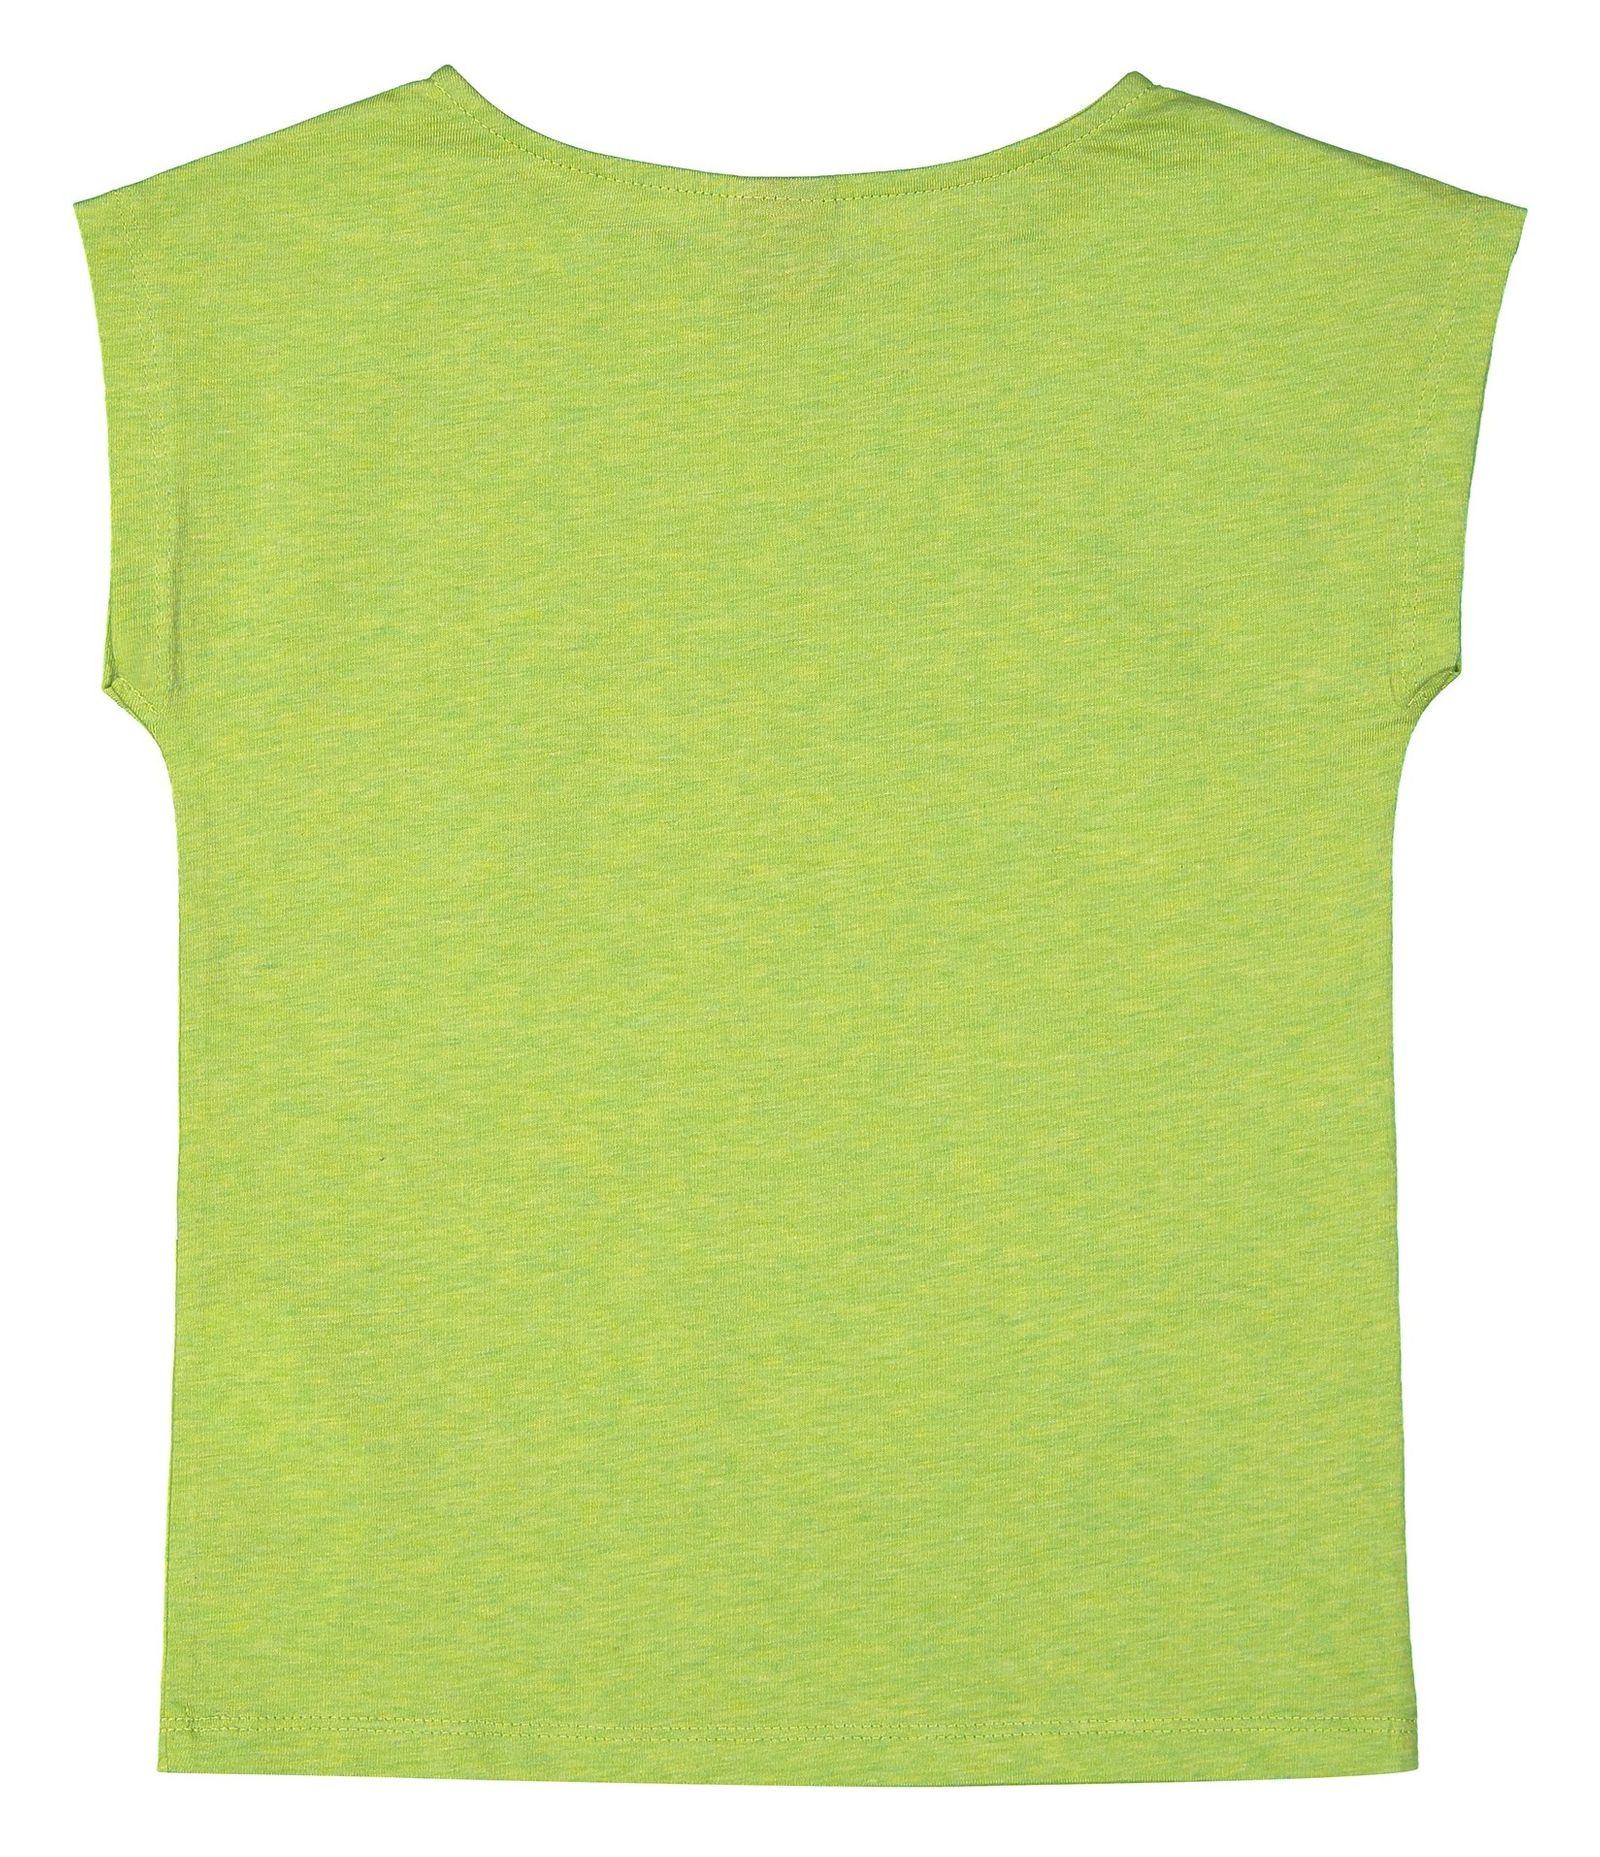 تی شرت نخی یقه گرد دخترانه - اس.اولیور - سبز روشن - 2